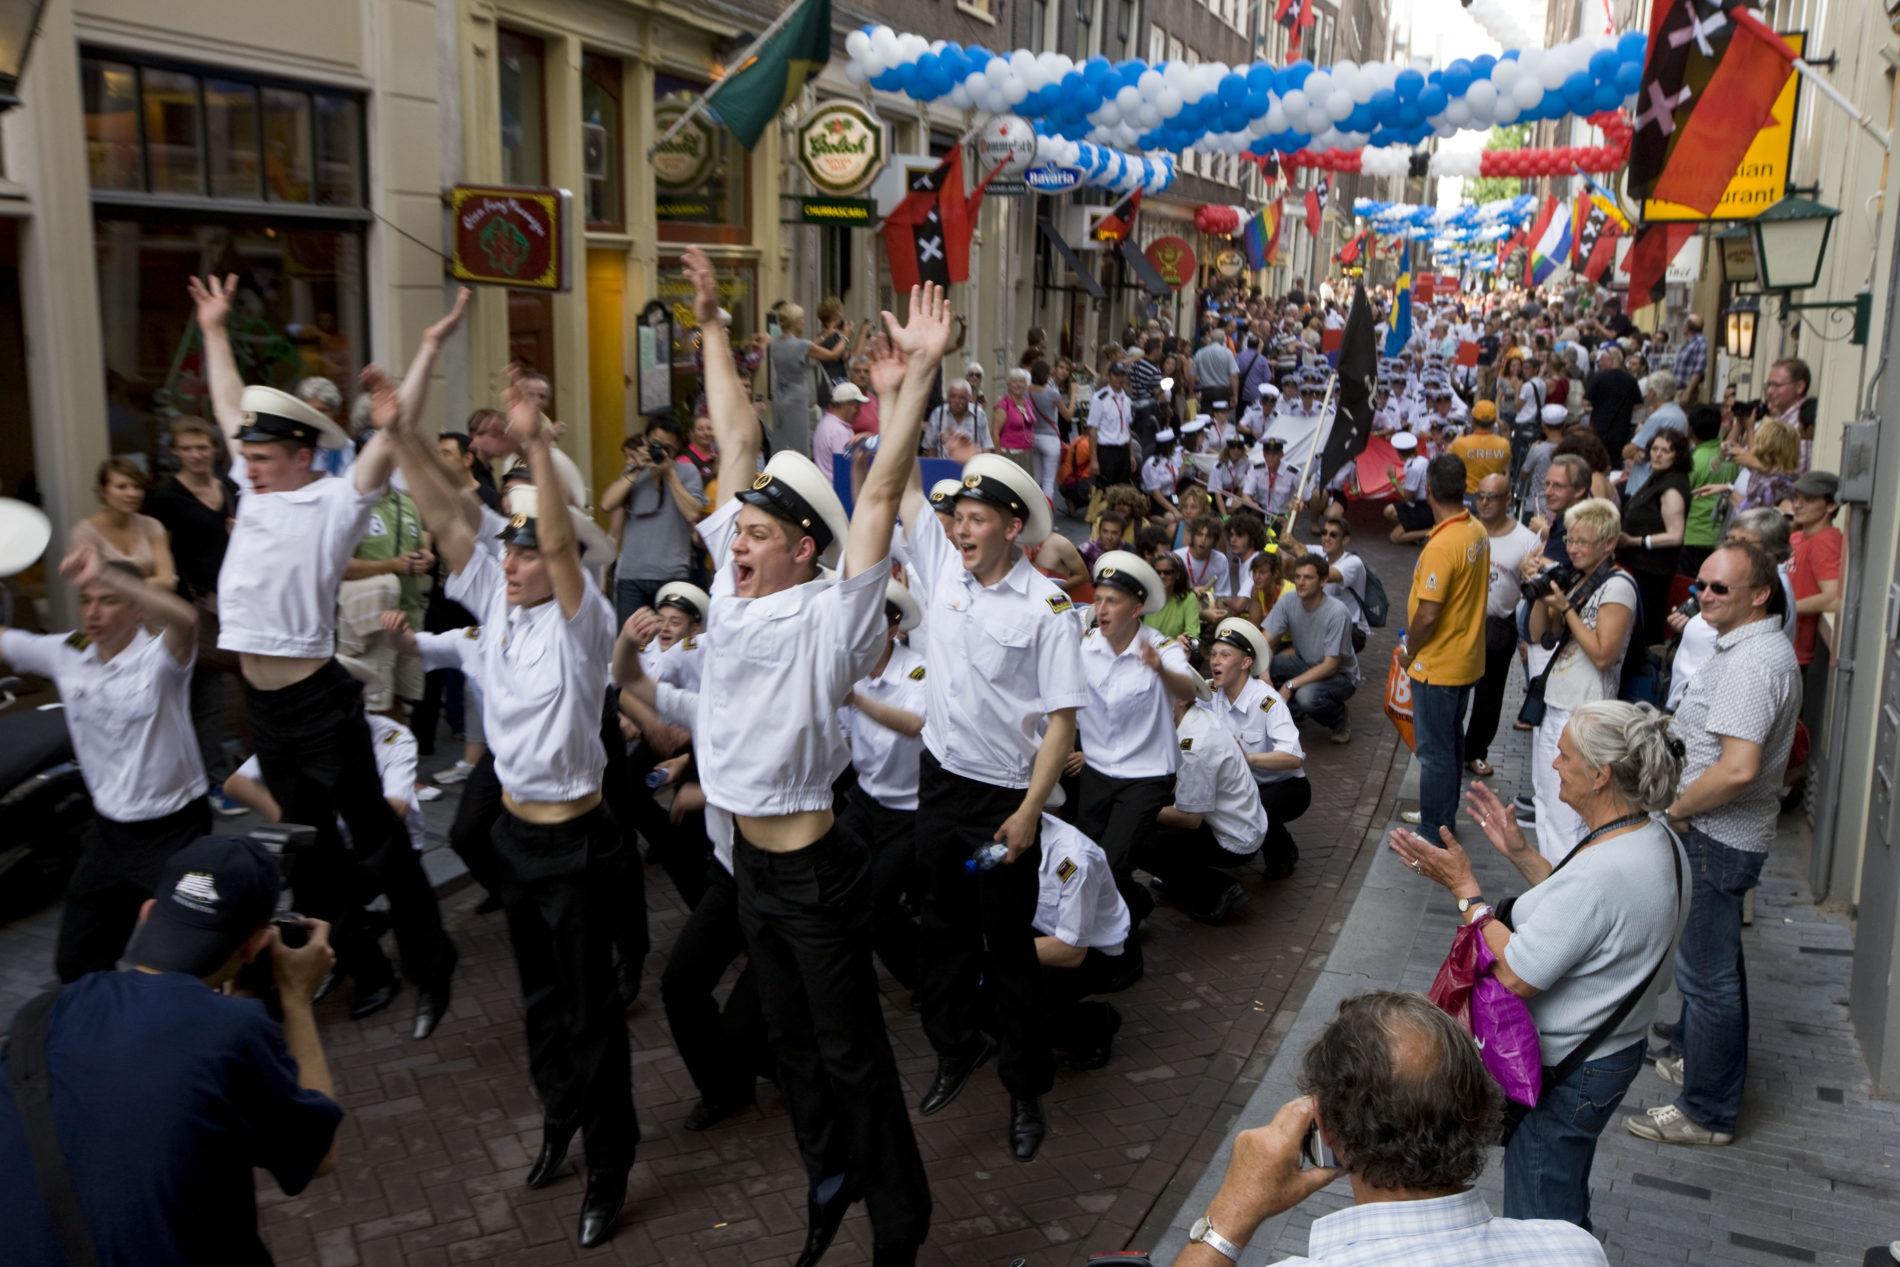 Feestende matrozen in de straten van Amsterdam